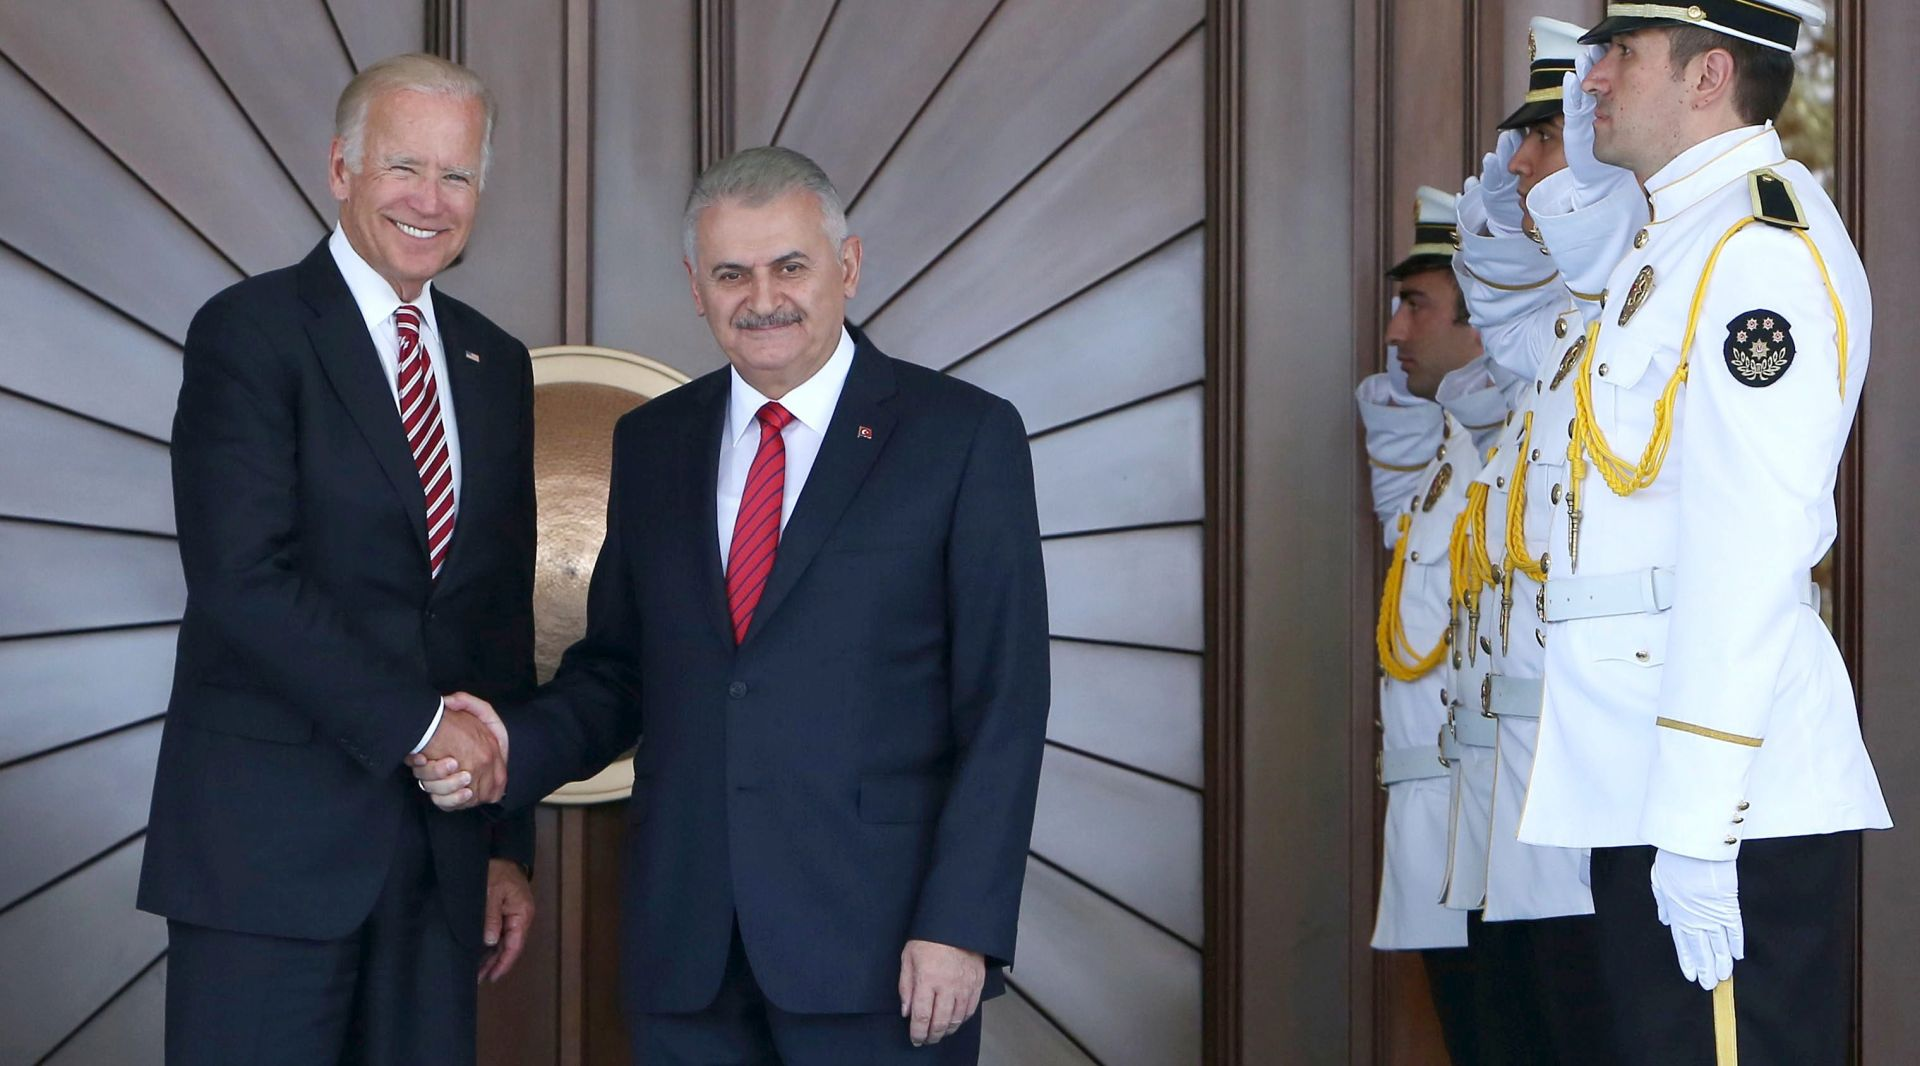 RAZMATRANJE DOKAZA: Biden kaže da SAD surađuje s Turskom u pogledu Gulena